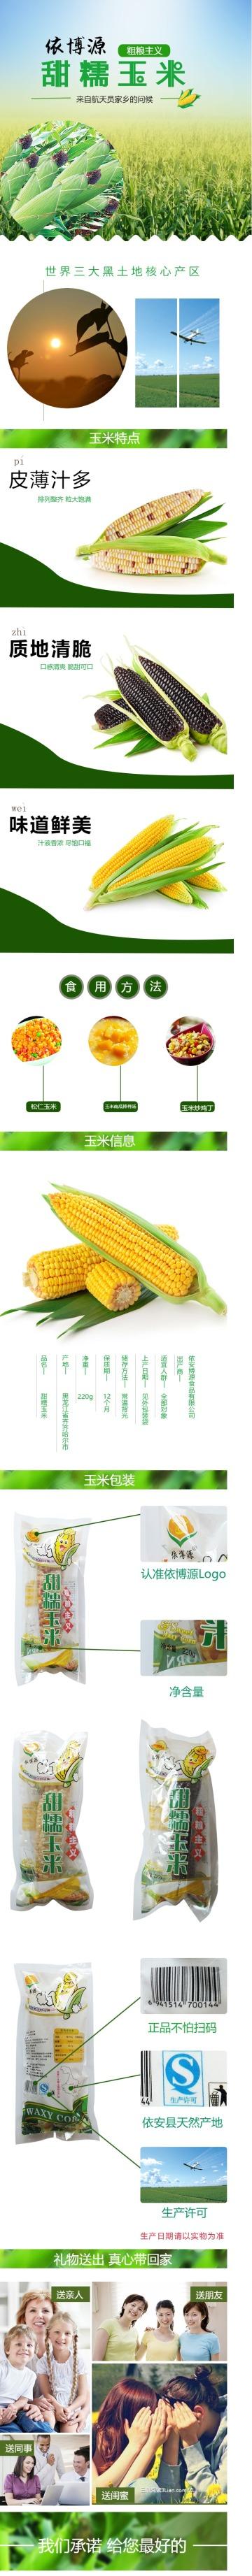 黄色清新简约电商粮油副食宝贝详情